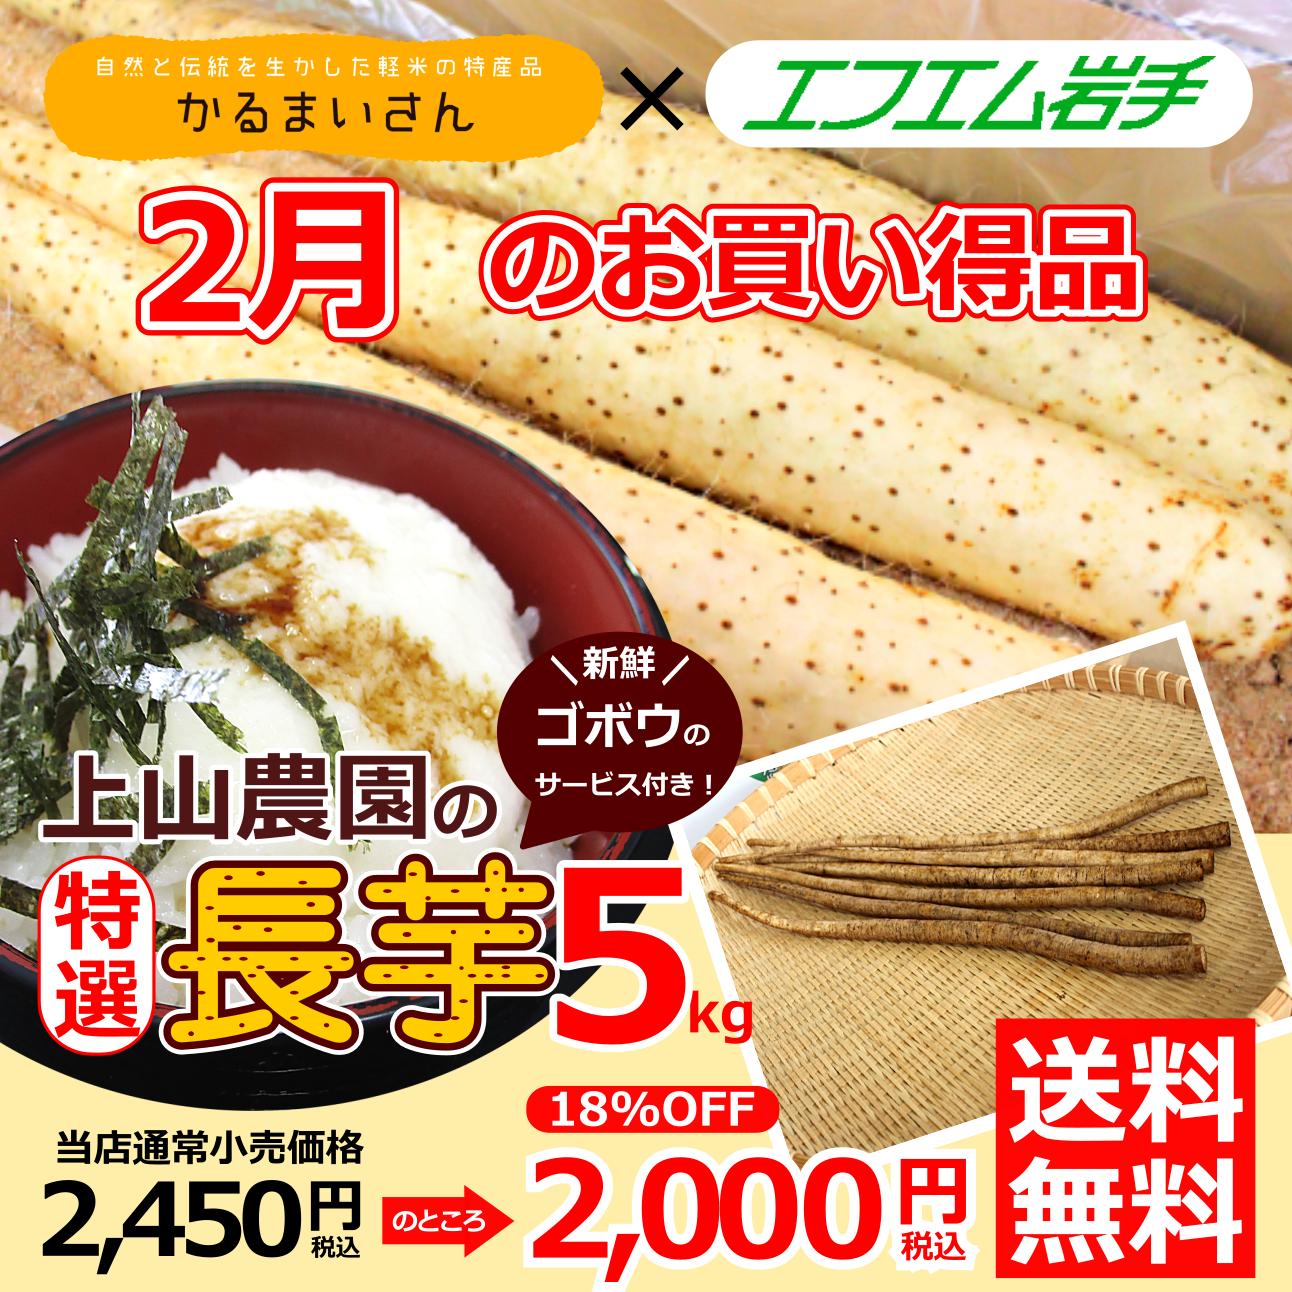 2gatsu_1500_1